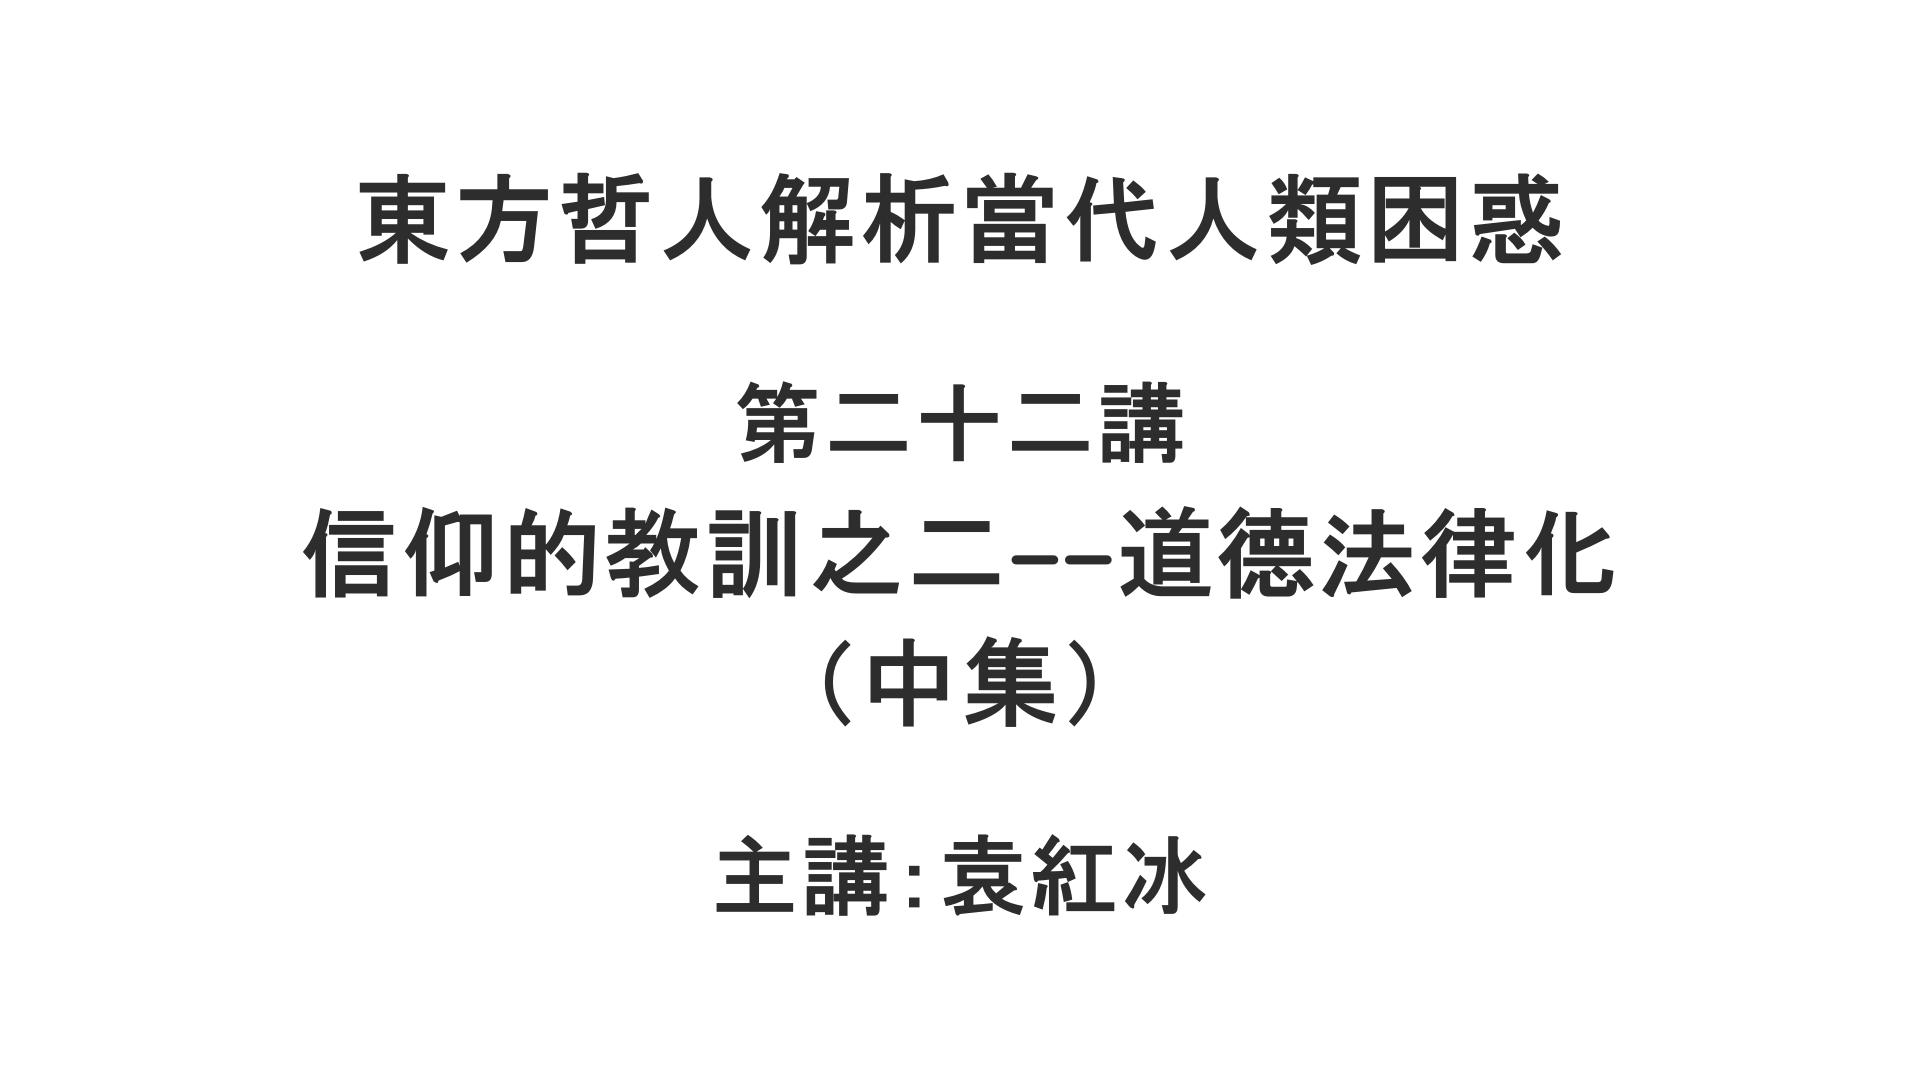 YuanHongBing-XingTan-4-22-05132021